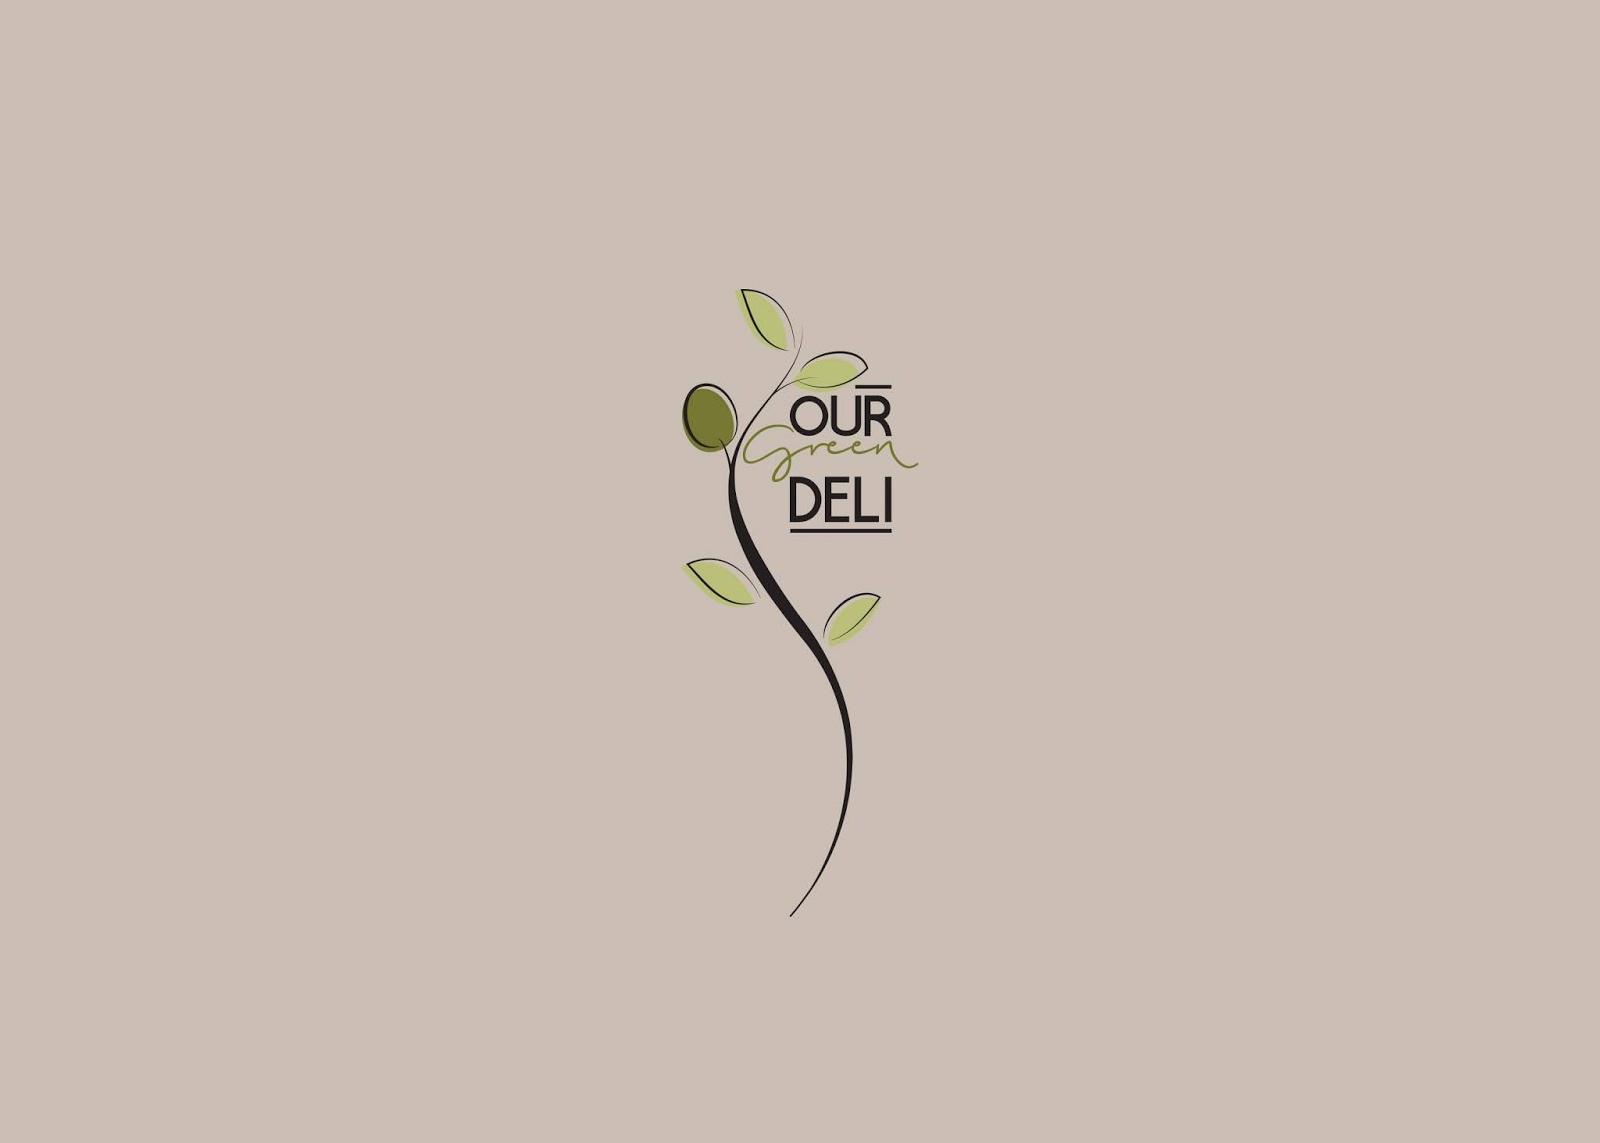 清新简约的Our Green Deli橄榄油包装